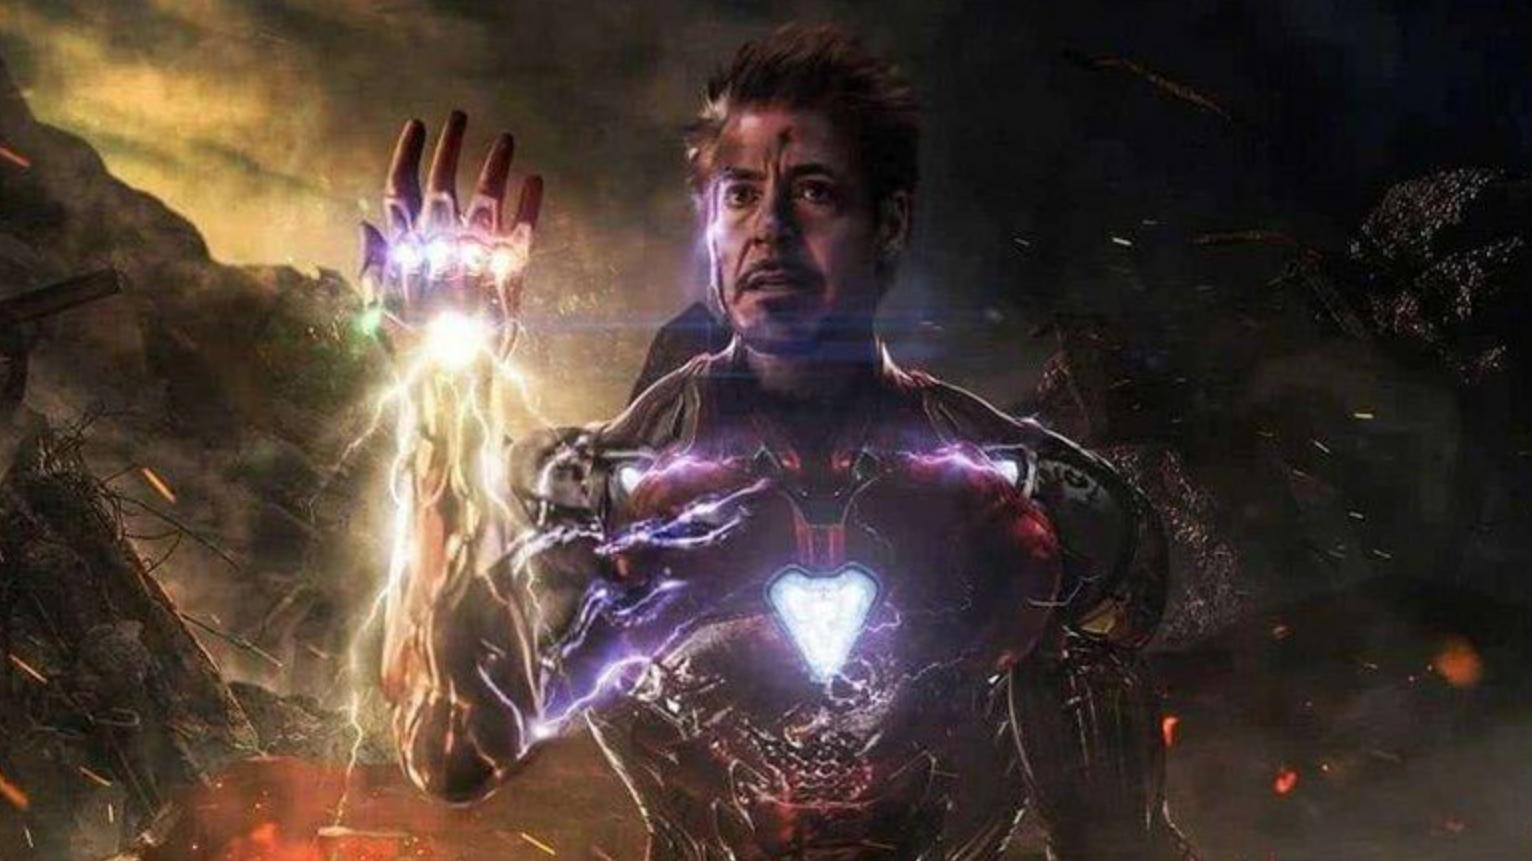 #钢铁侠与灭霸有何差距#《复联4》浩克打完响指胳膊废了,超级英雄钢铁侠为何却没变化?